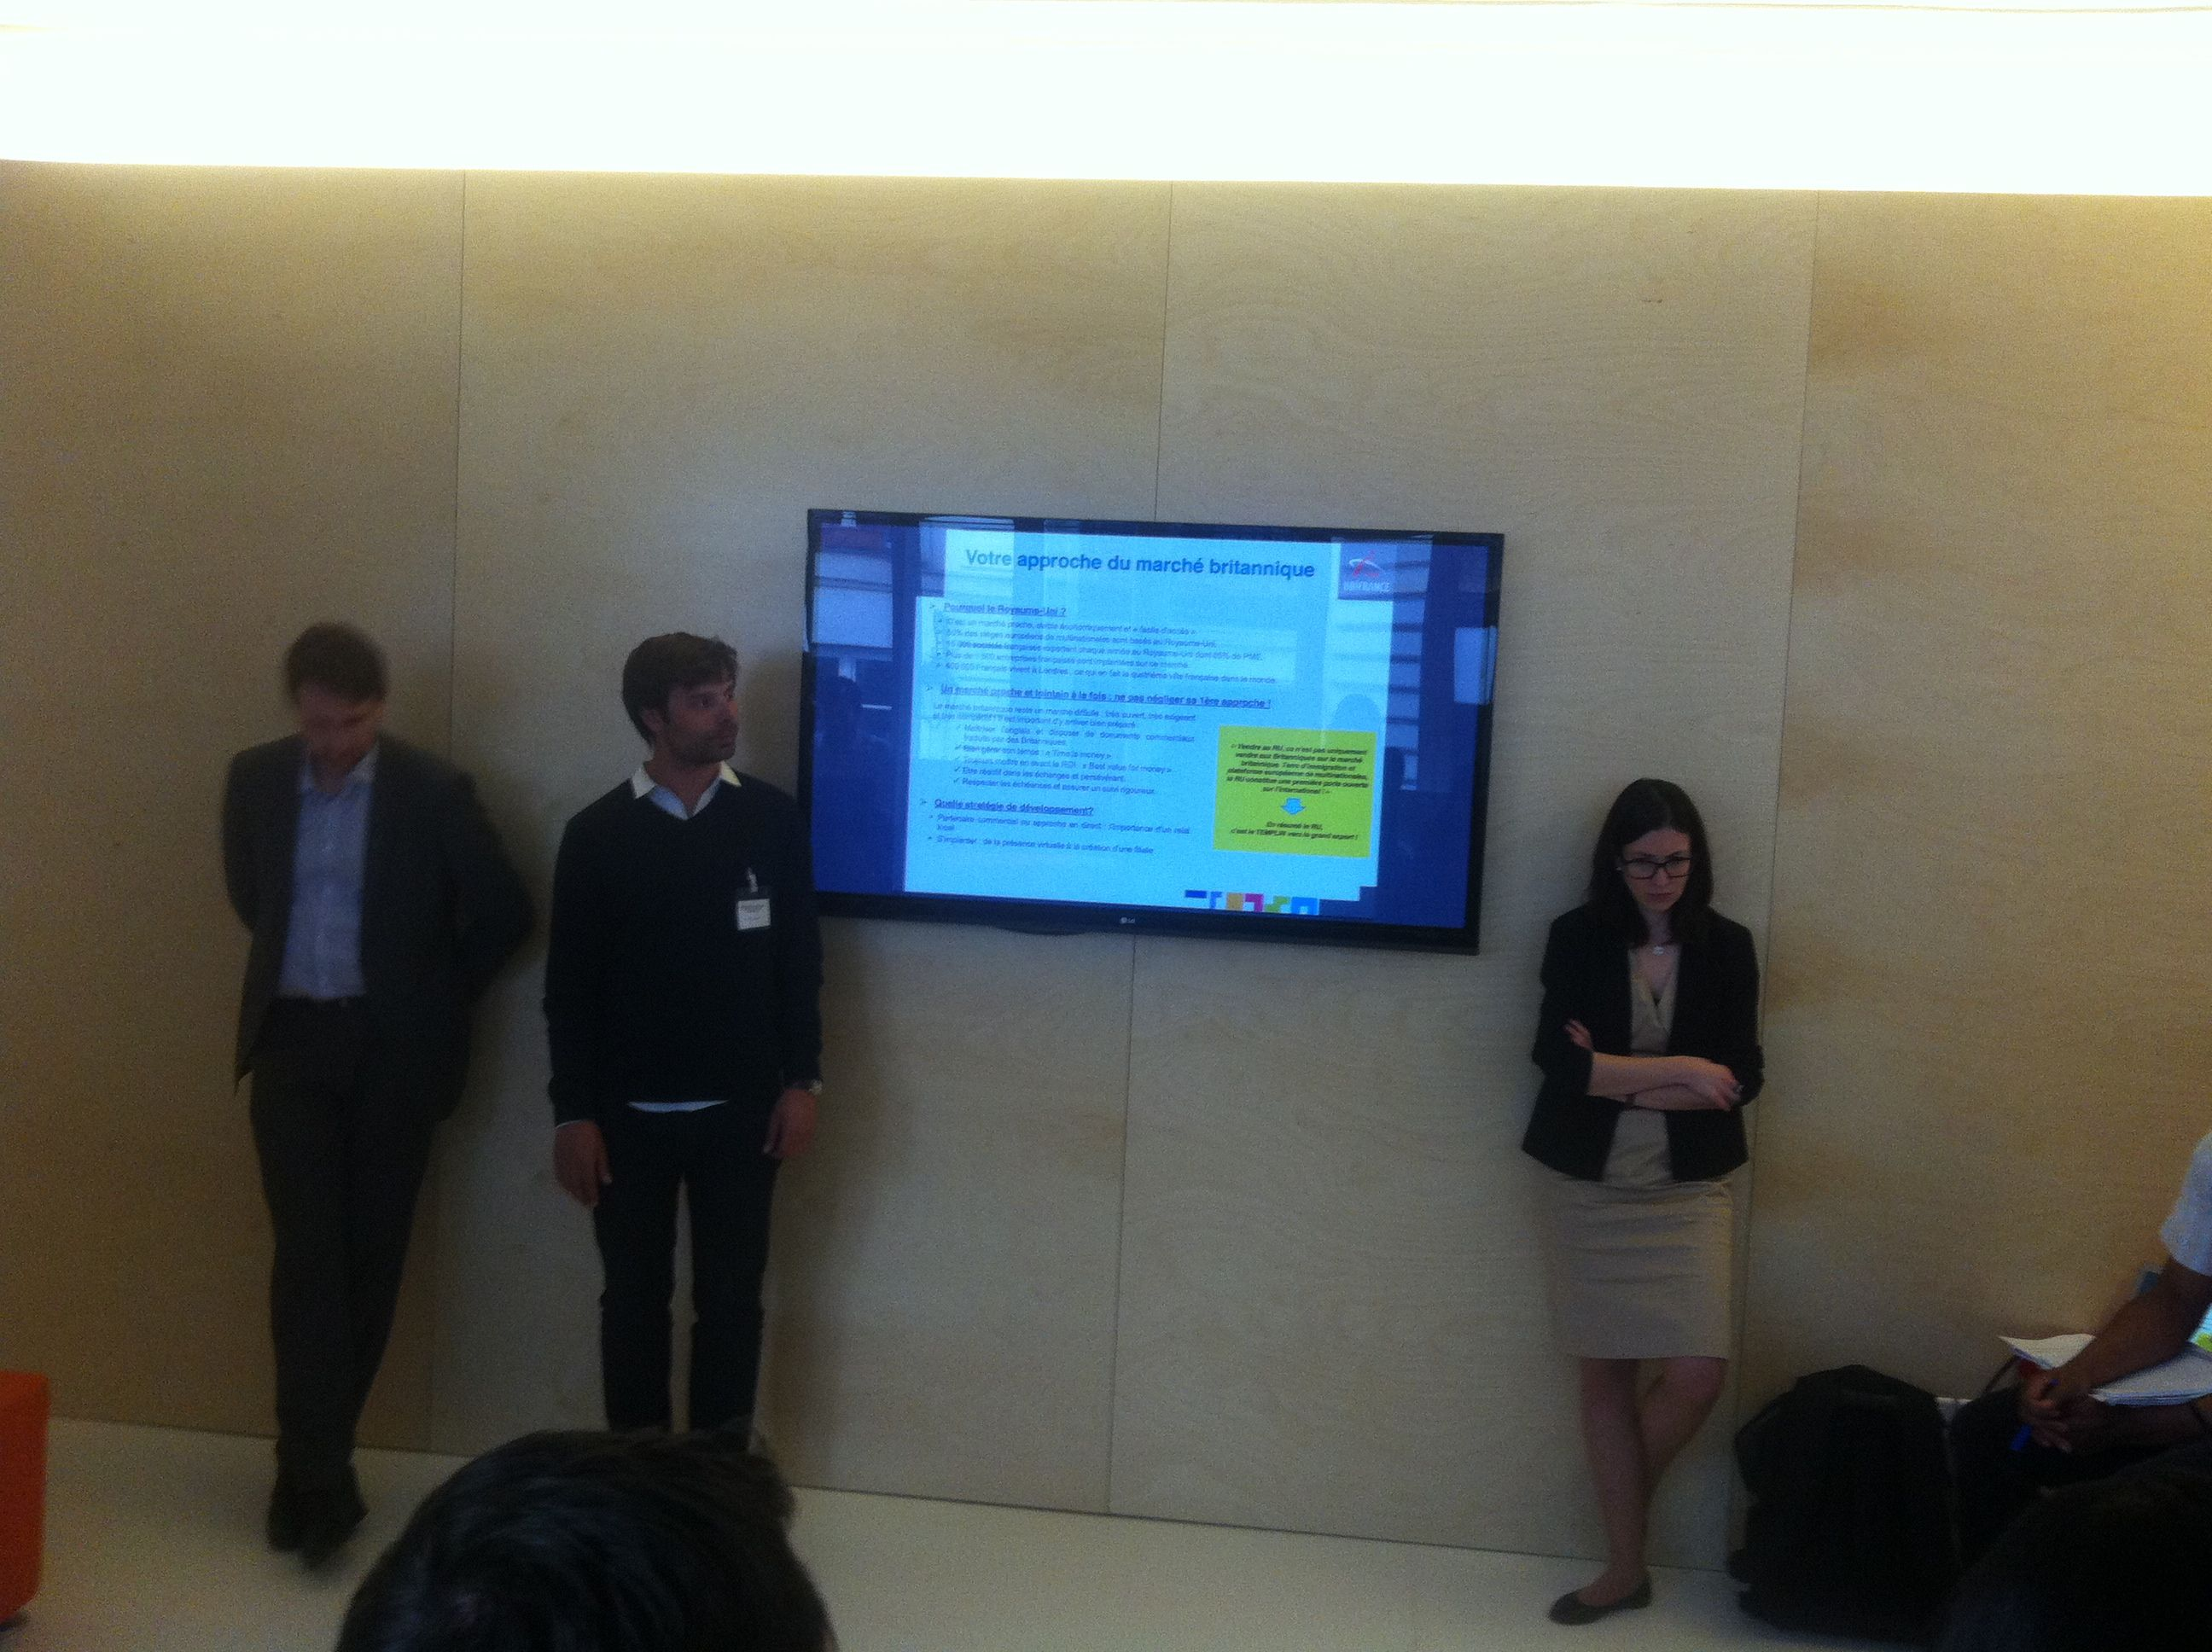 """Youri a partager son expérience de l'écosystème startup londonien a un atelier organisé par bizspark et ubifrance """"Comment se lancer au Royaume-Uni"""" www.simplib.com"""